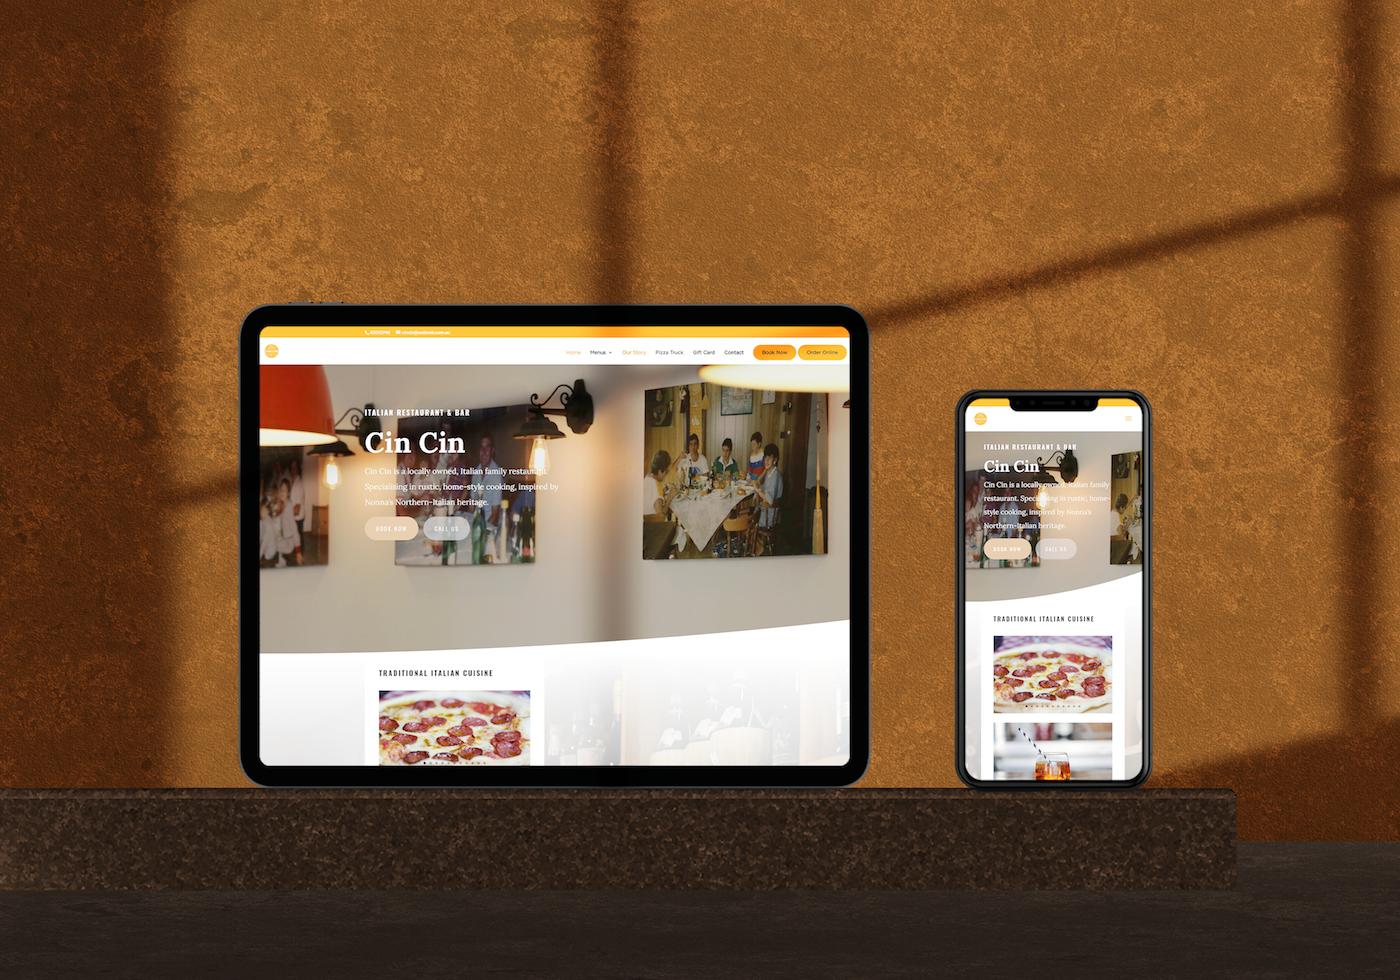 Web Design For Italian Restaurant